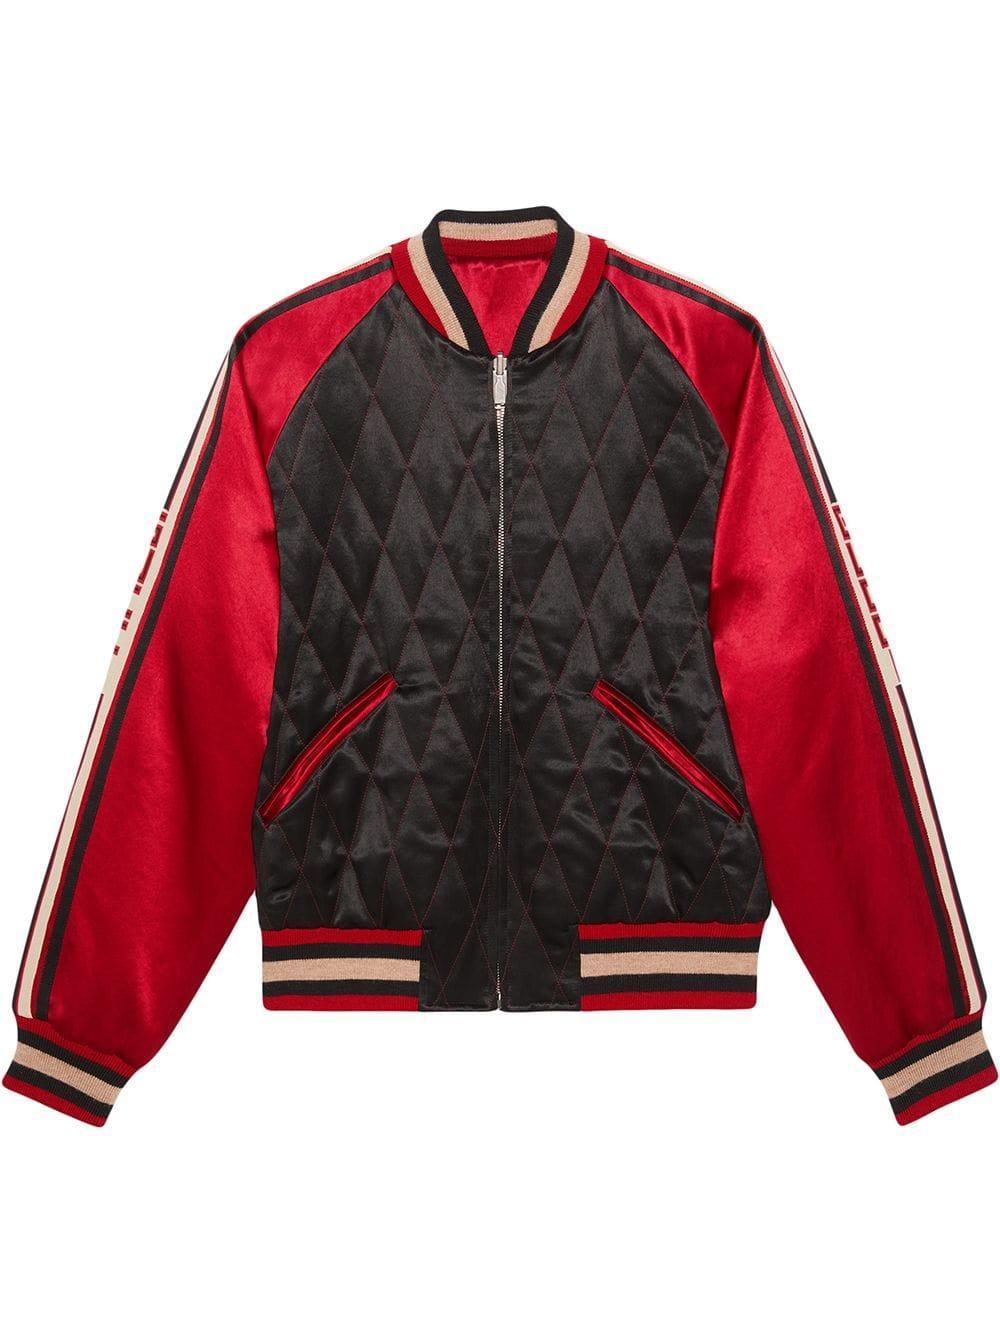 Veste Bomber à Design Réversible Gucci Pour Homme En Coloris Rouge Lyst